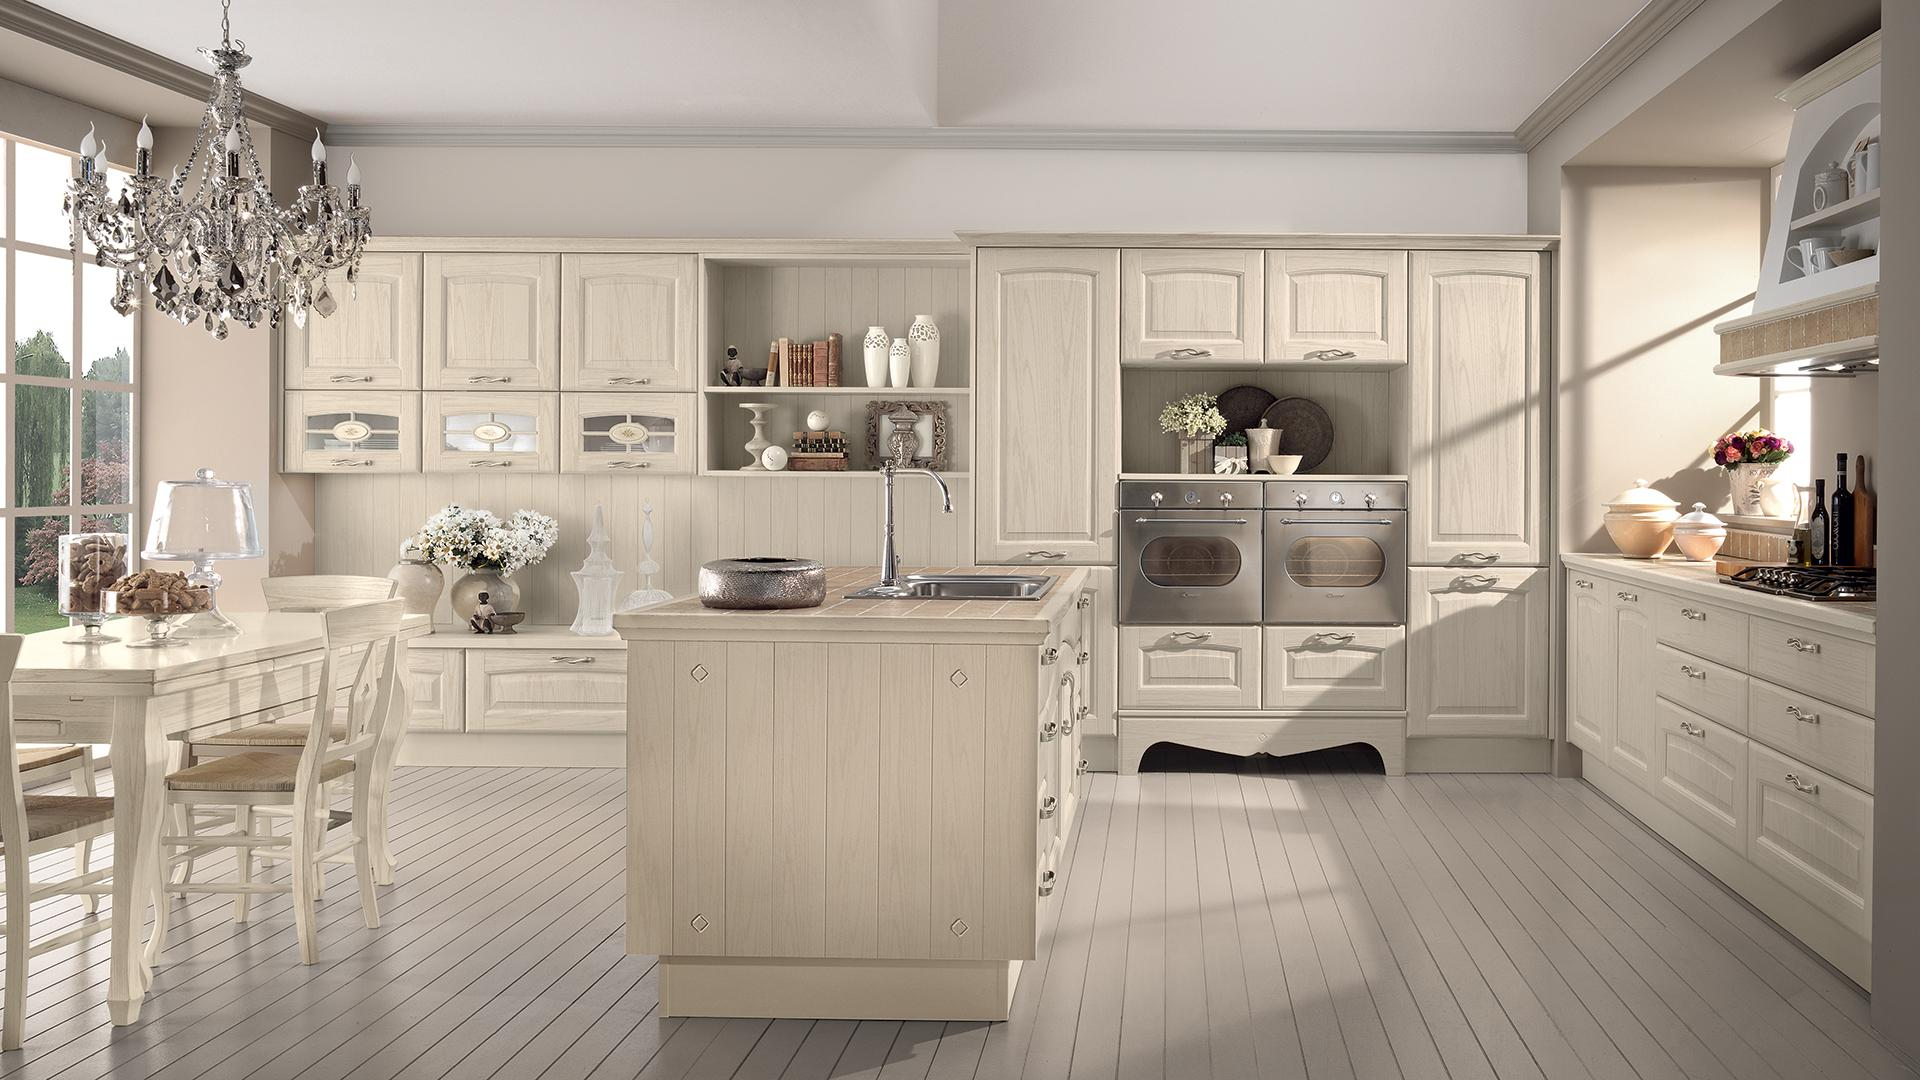 Cucina rustica le soluzioni classiche di lube store per - Cucine classiche con isola ...